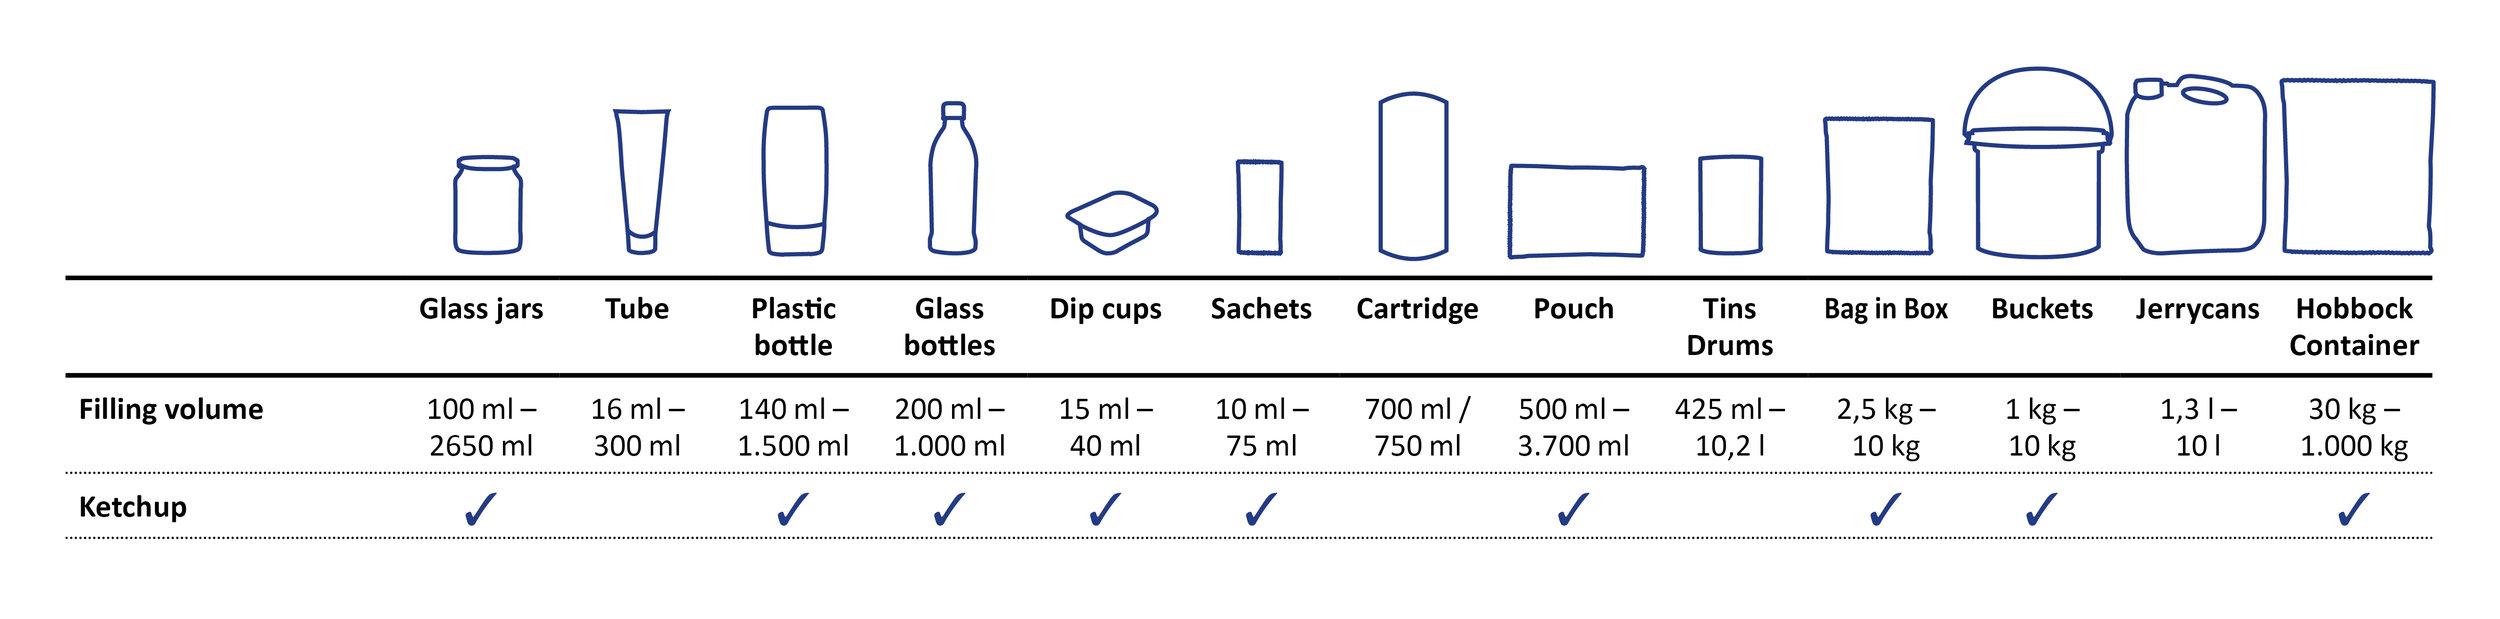 packaging-overview-sueko-ketchup.jpg